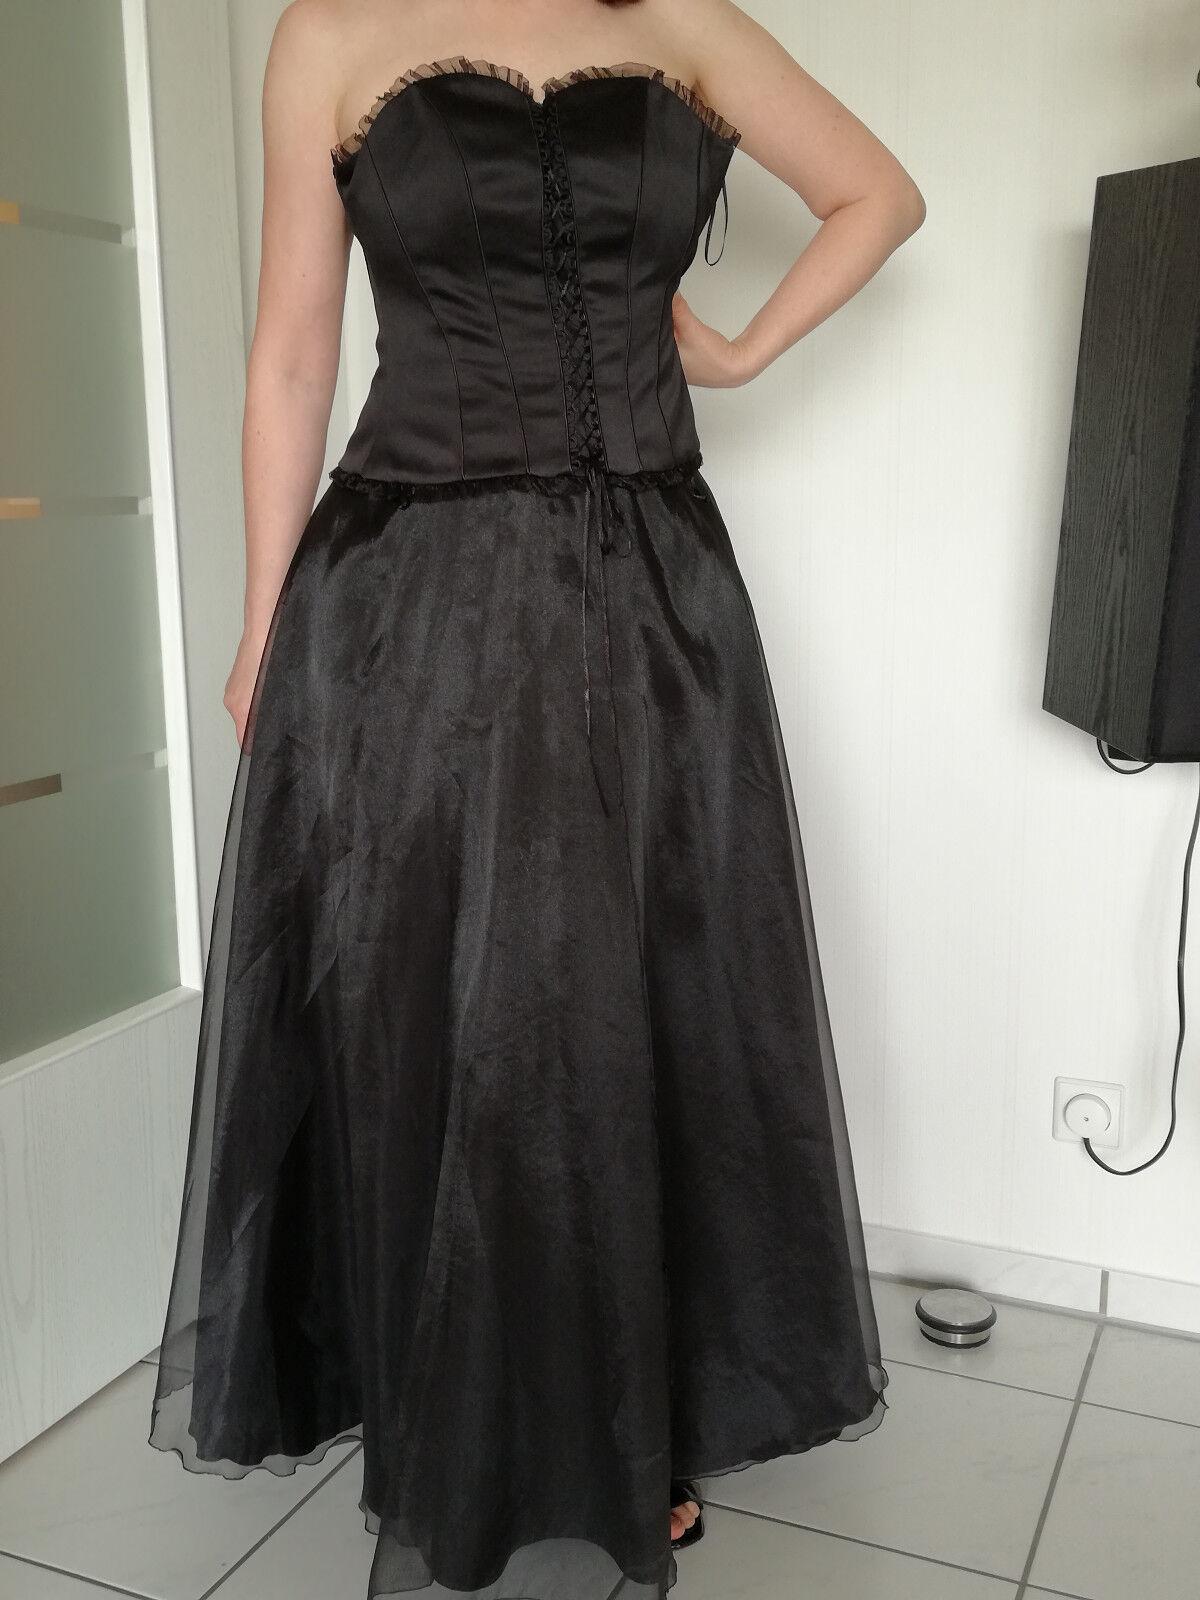 Schönes Kleid Abendkleid Abikleid, Coctailkleid Gr. 36, schwarz, lang, C&A